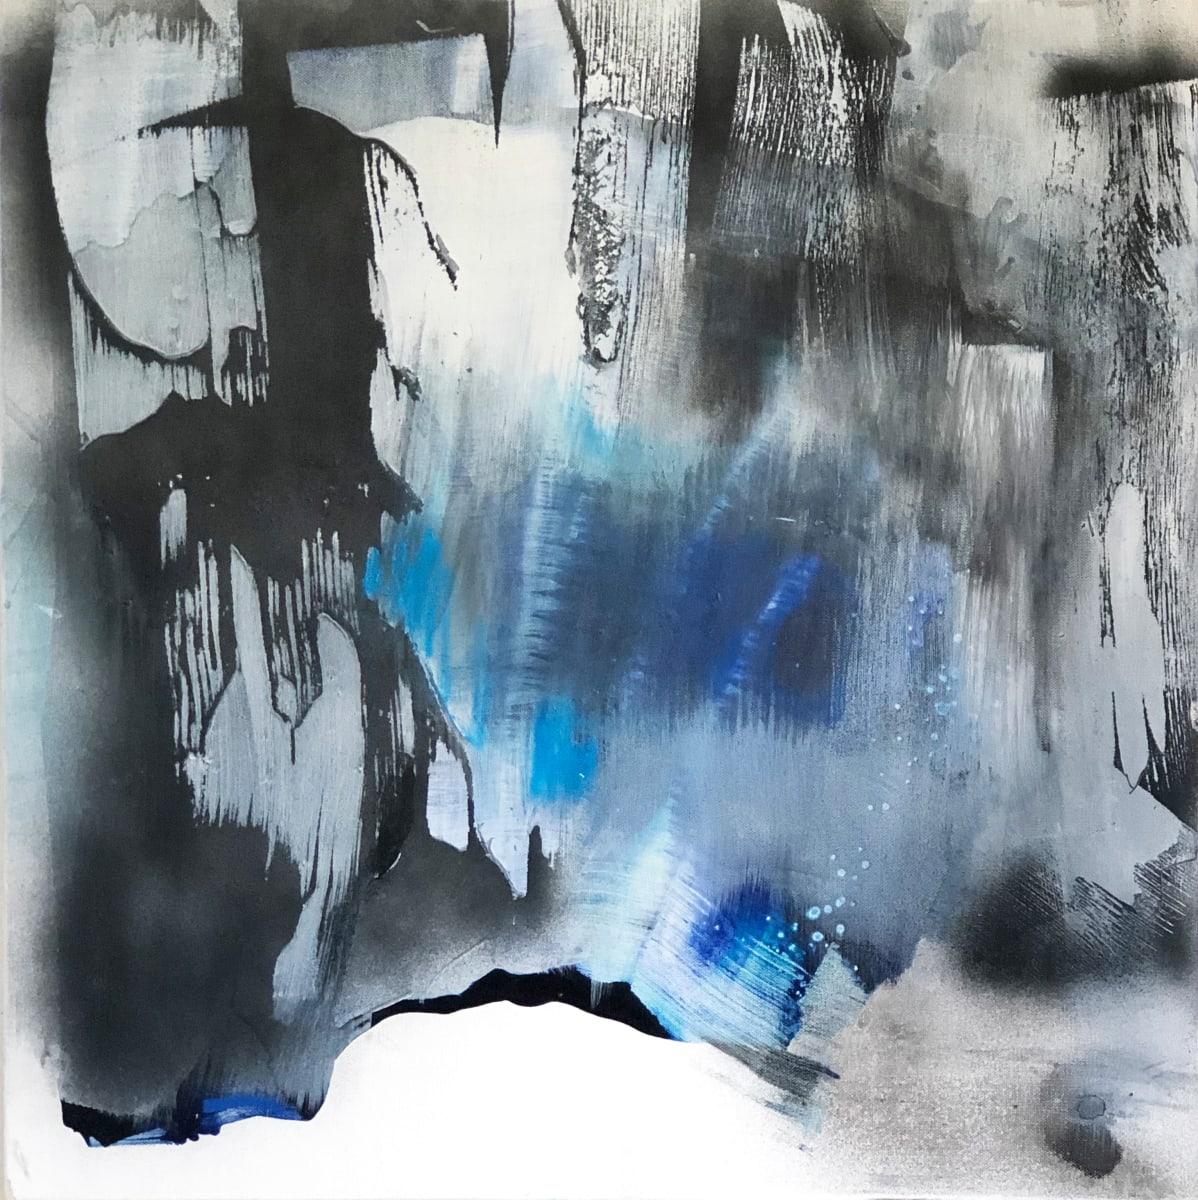 Some People Feel the Rain (BobMarley) by Laura Viola Preciado